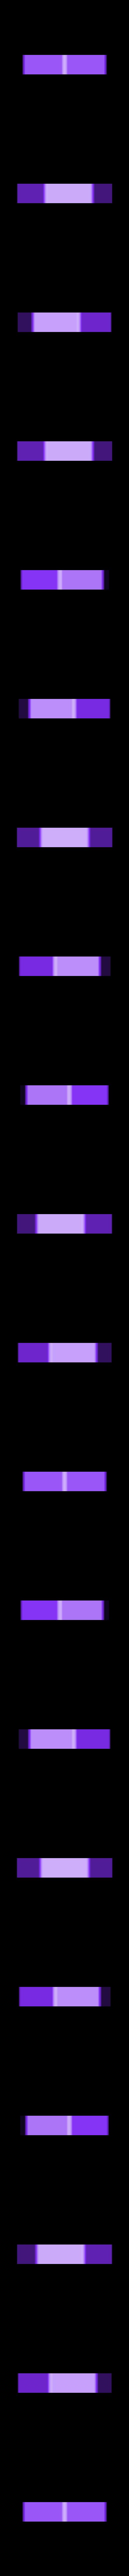 base_araignee.STL Télécharger fichier STL gratuit Hive • Objet pour impression 3D, seb2320